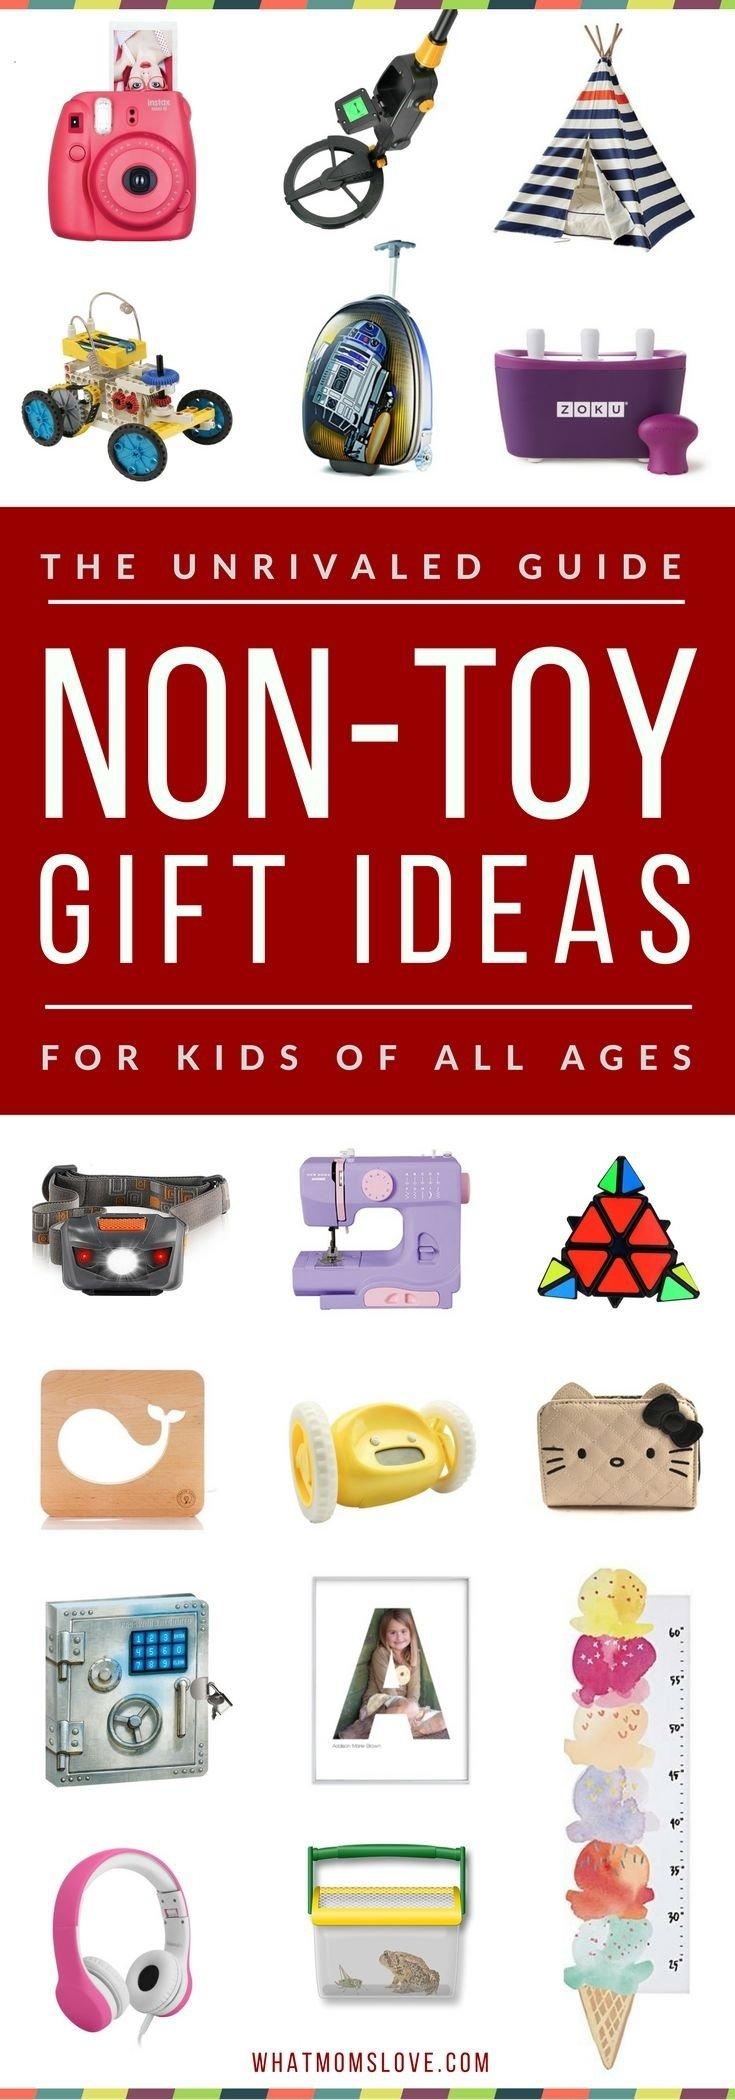 10 Best Gift Ideas For Toddler Girls 210 best gift ideas images on pinterest christmas gift ideas gift 5 2021